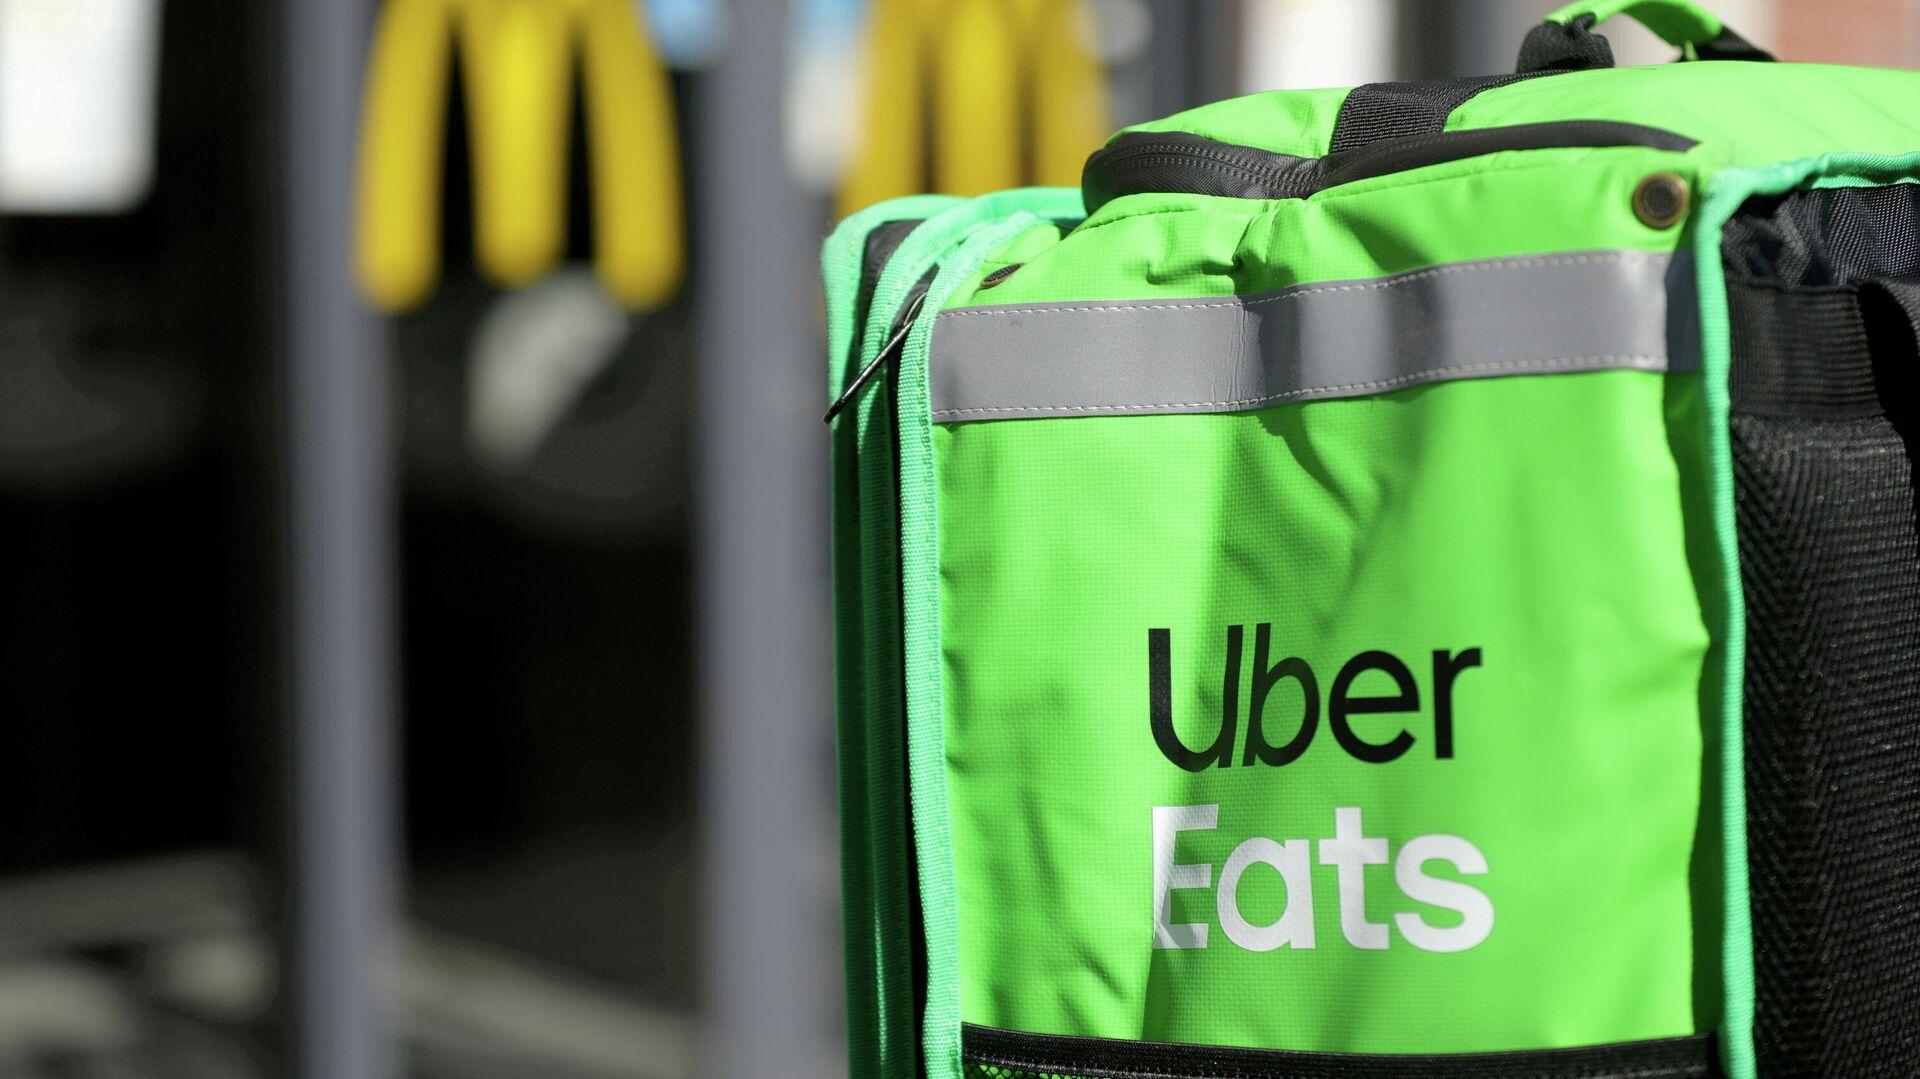 Servicio de 'delivery' de Uber Eats - Sputnik Mundo, 1920, 12.05.2021